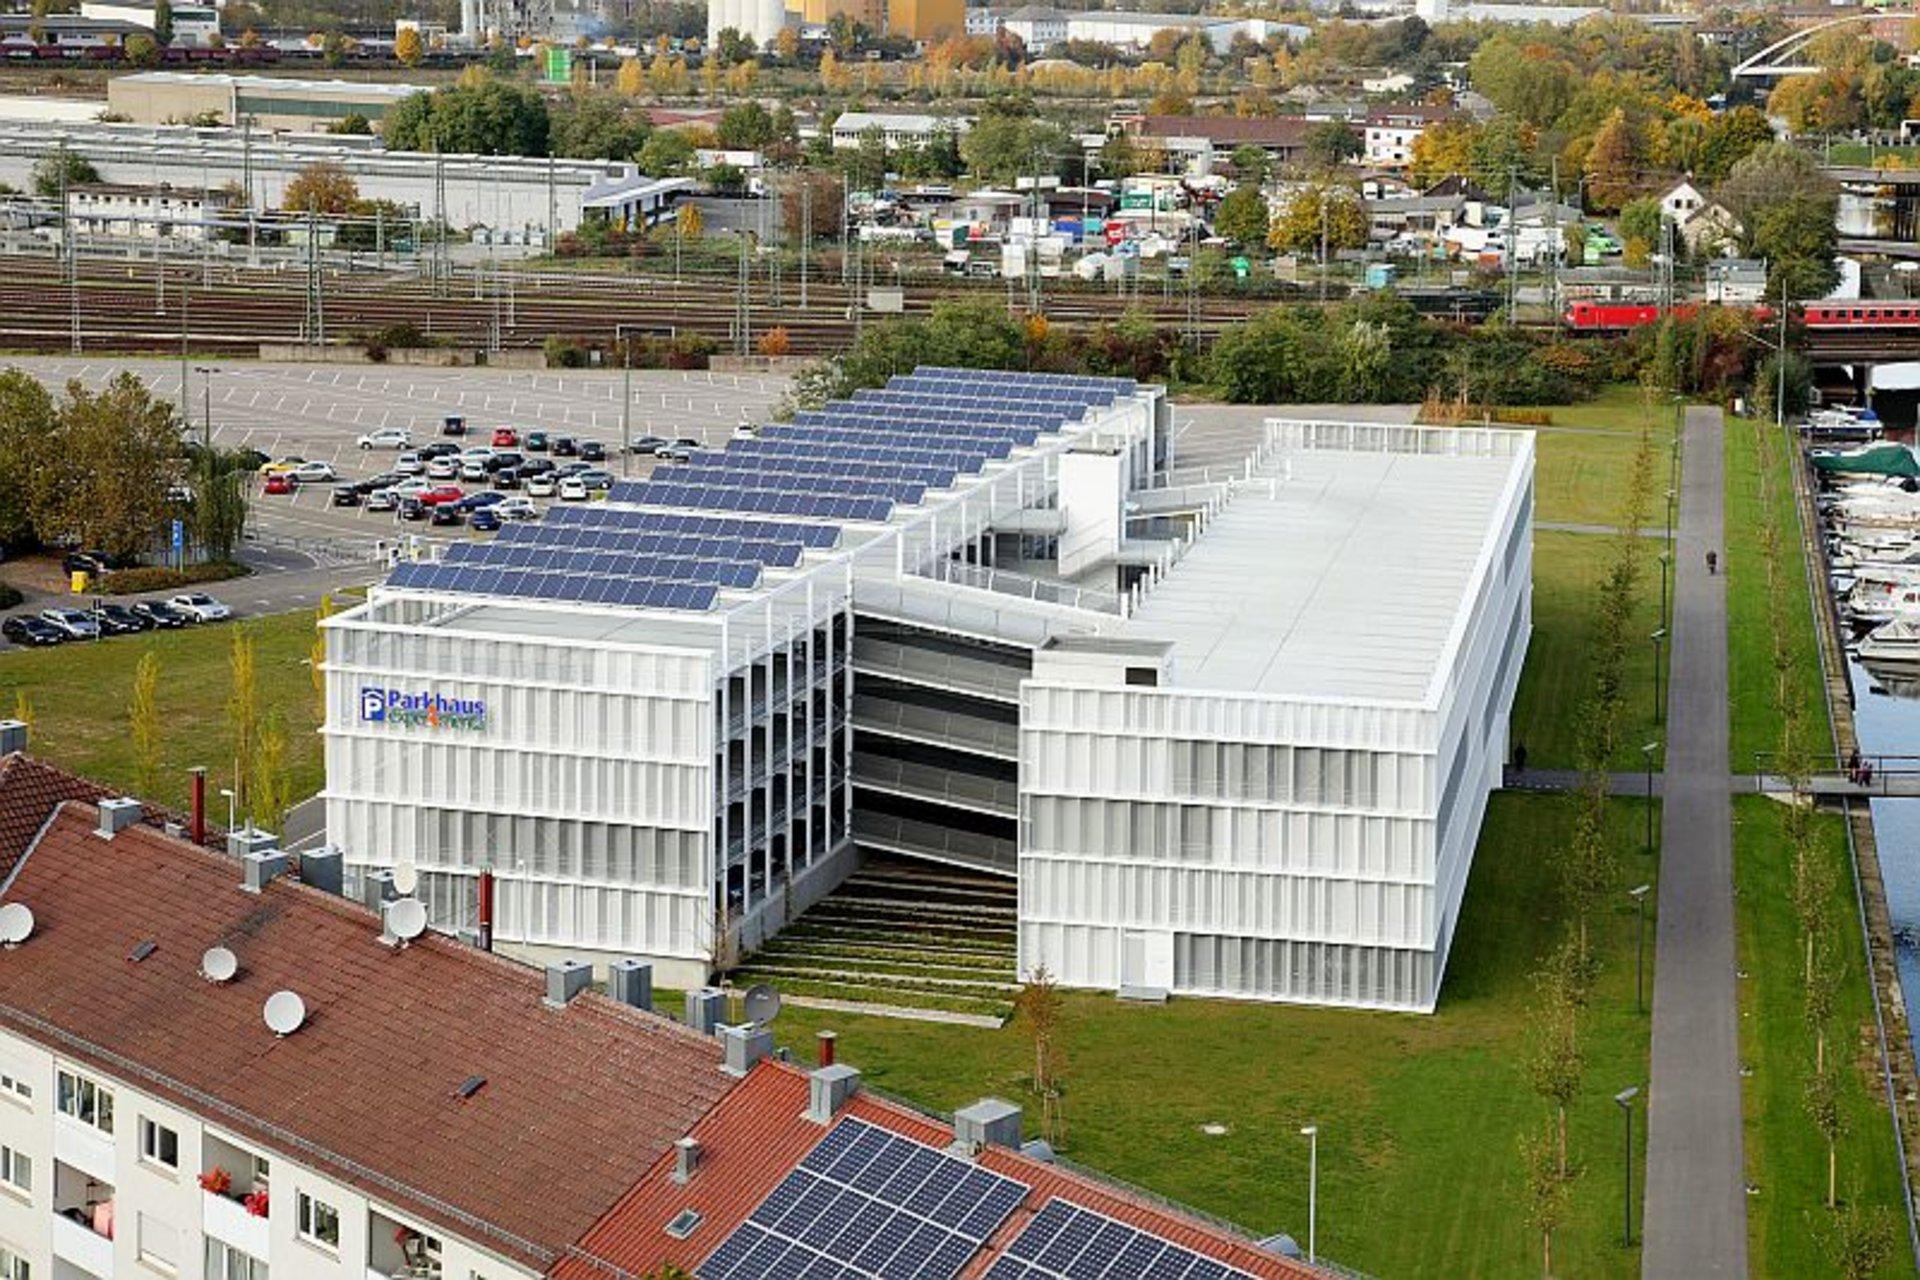 Bauwerksintegrierte Photovoltaik (BIPV)